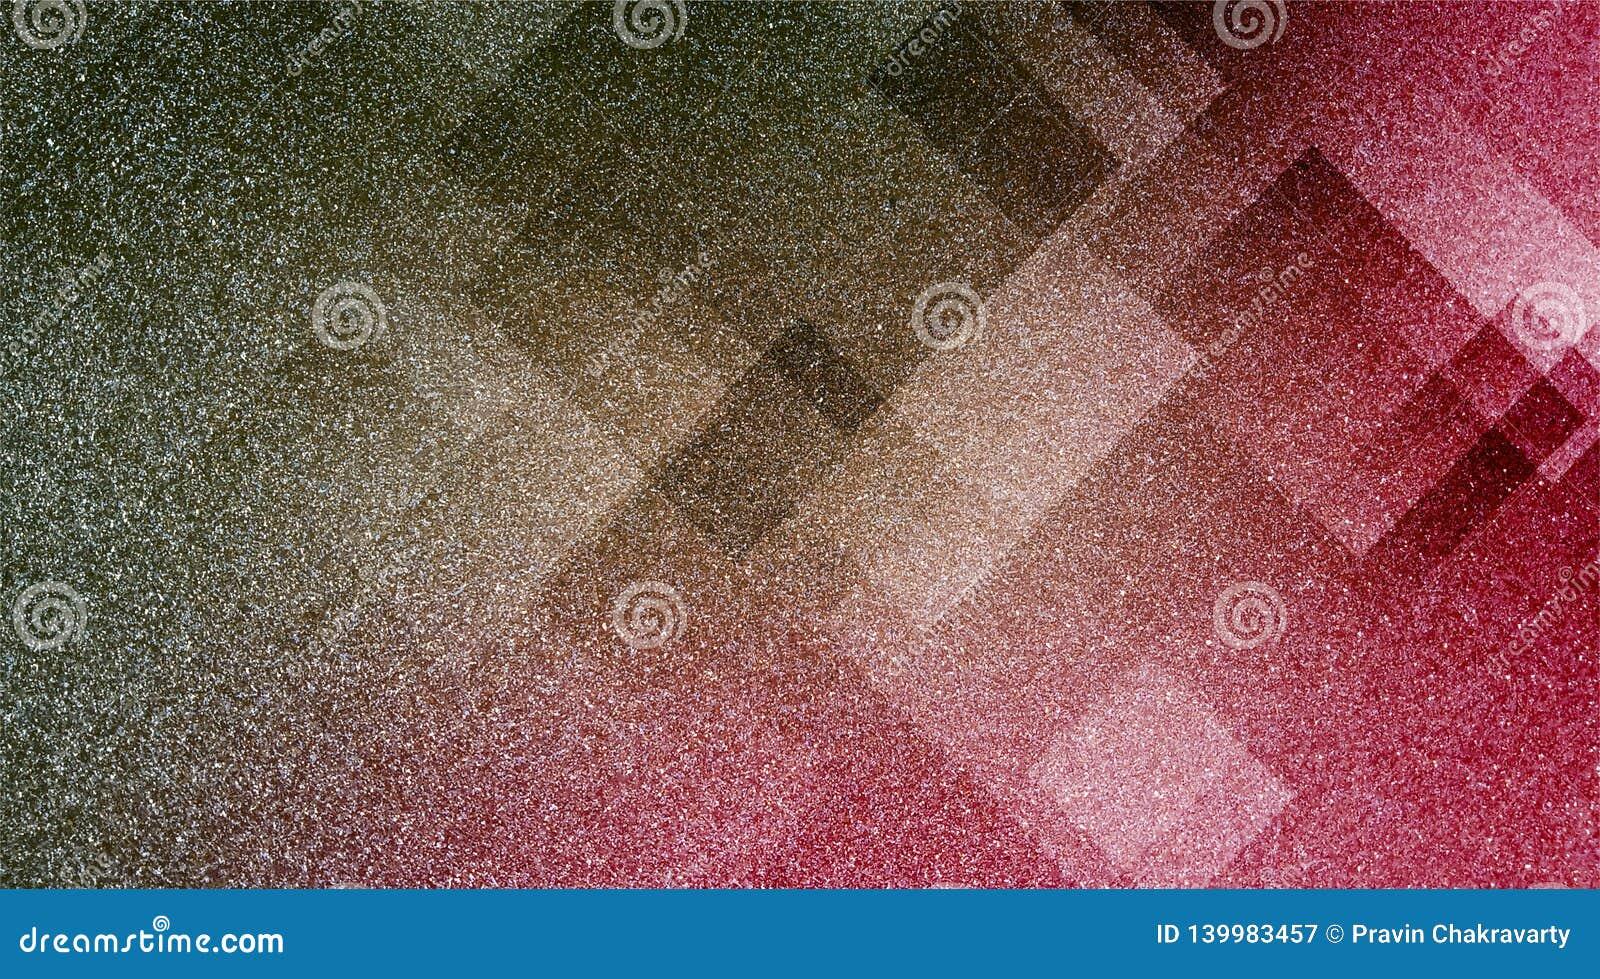 Marrom abstrato e fundo cor-de-rosa teste padrão listrado e blocos protegidos em linhas diagonais com textura marrom do vintage e